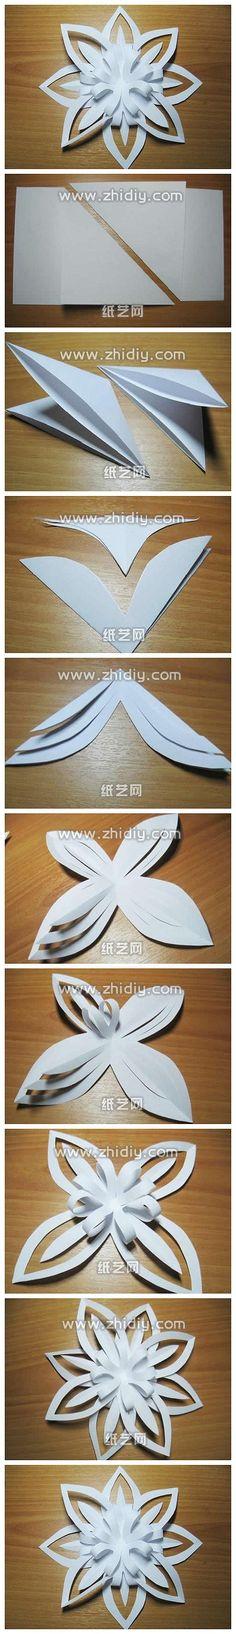 Making a fancy paper star